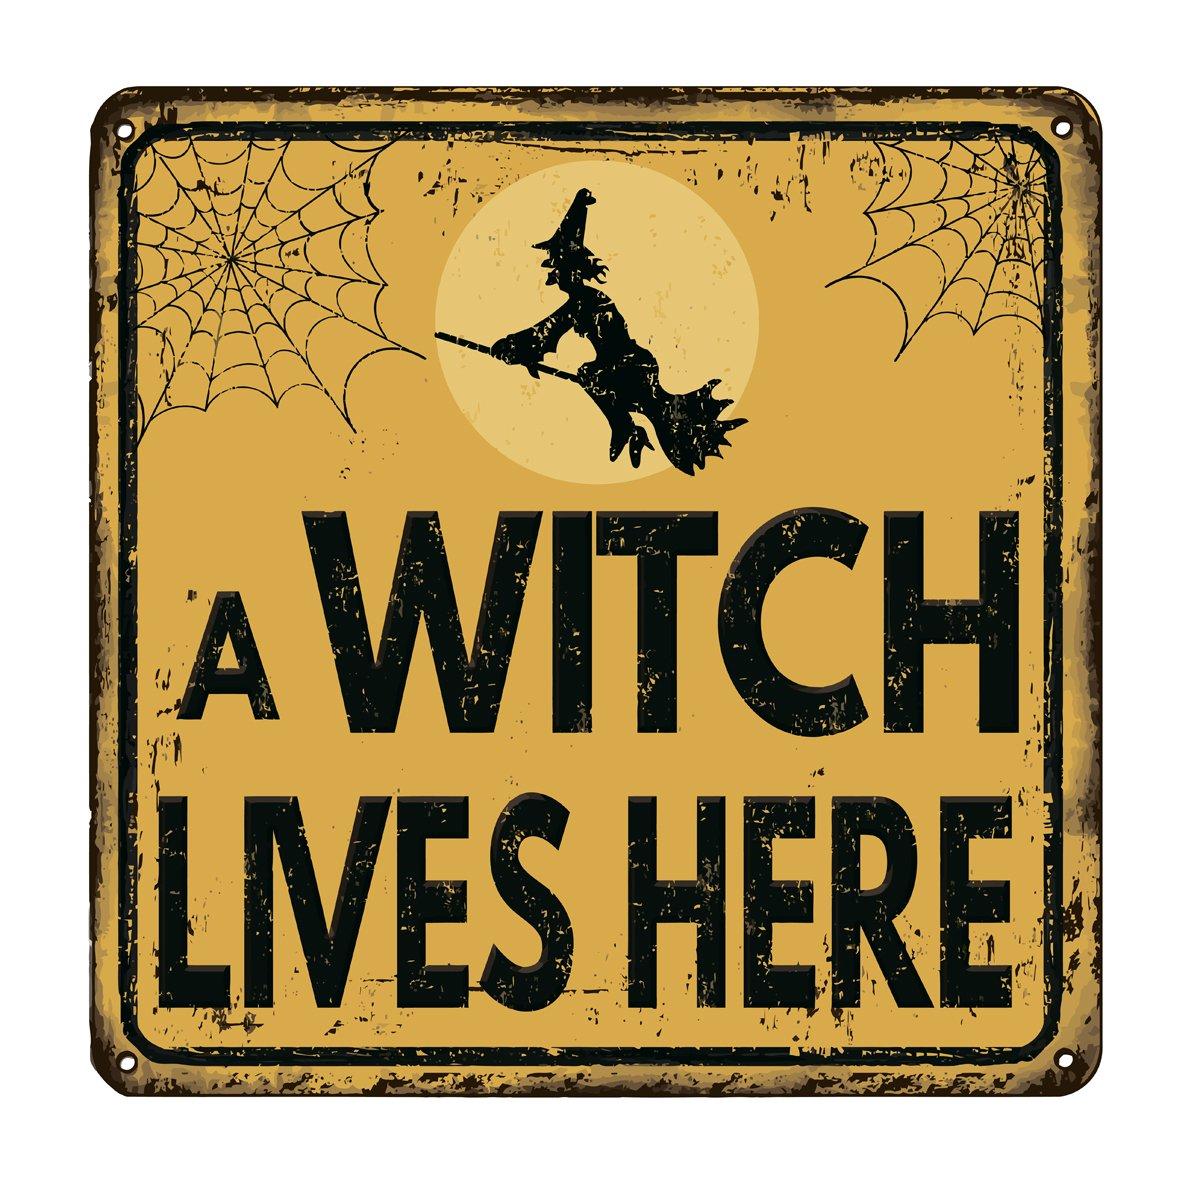 Постер-картина Фото-постеры Ведьма живет здесь старинные металлический знак, 20x20 см, на бумагеСмешные таблички<br>Постер на холсте или бумаге. Любого нужного вам размера. В раме или без. Подвес в комплекте. Трехслойная надежная упаковка. Доставим в любую точку России. Вам осталось только повесить картину на стену!<br>